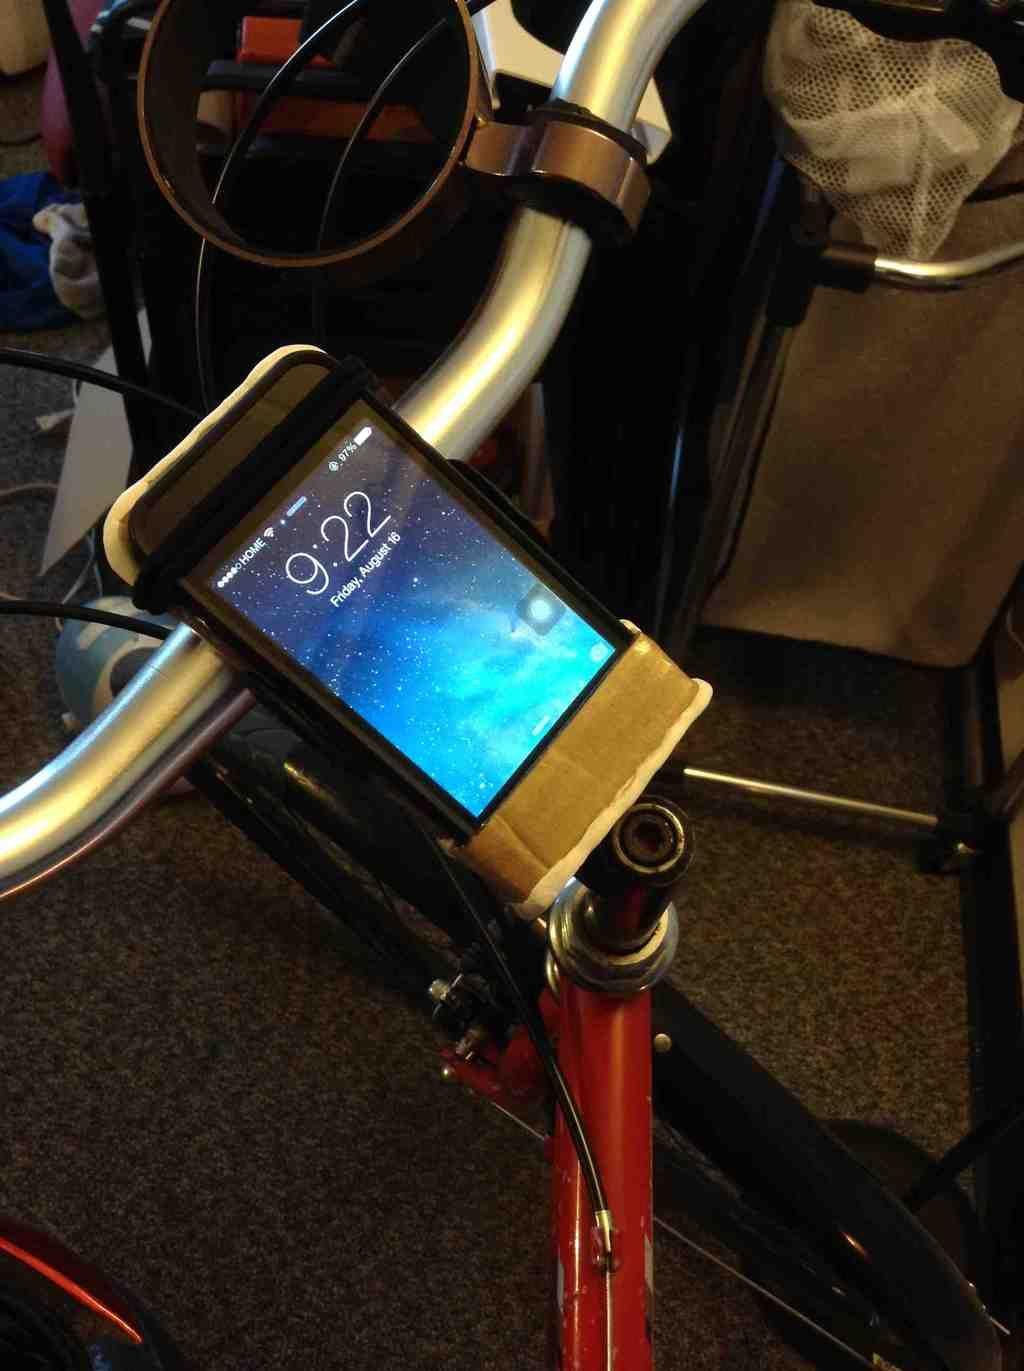 Phone Mount For Bike Using Cardboard Hair Ties And Sugru Diy